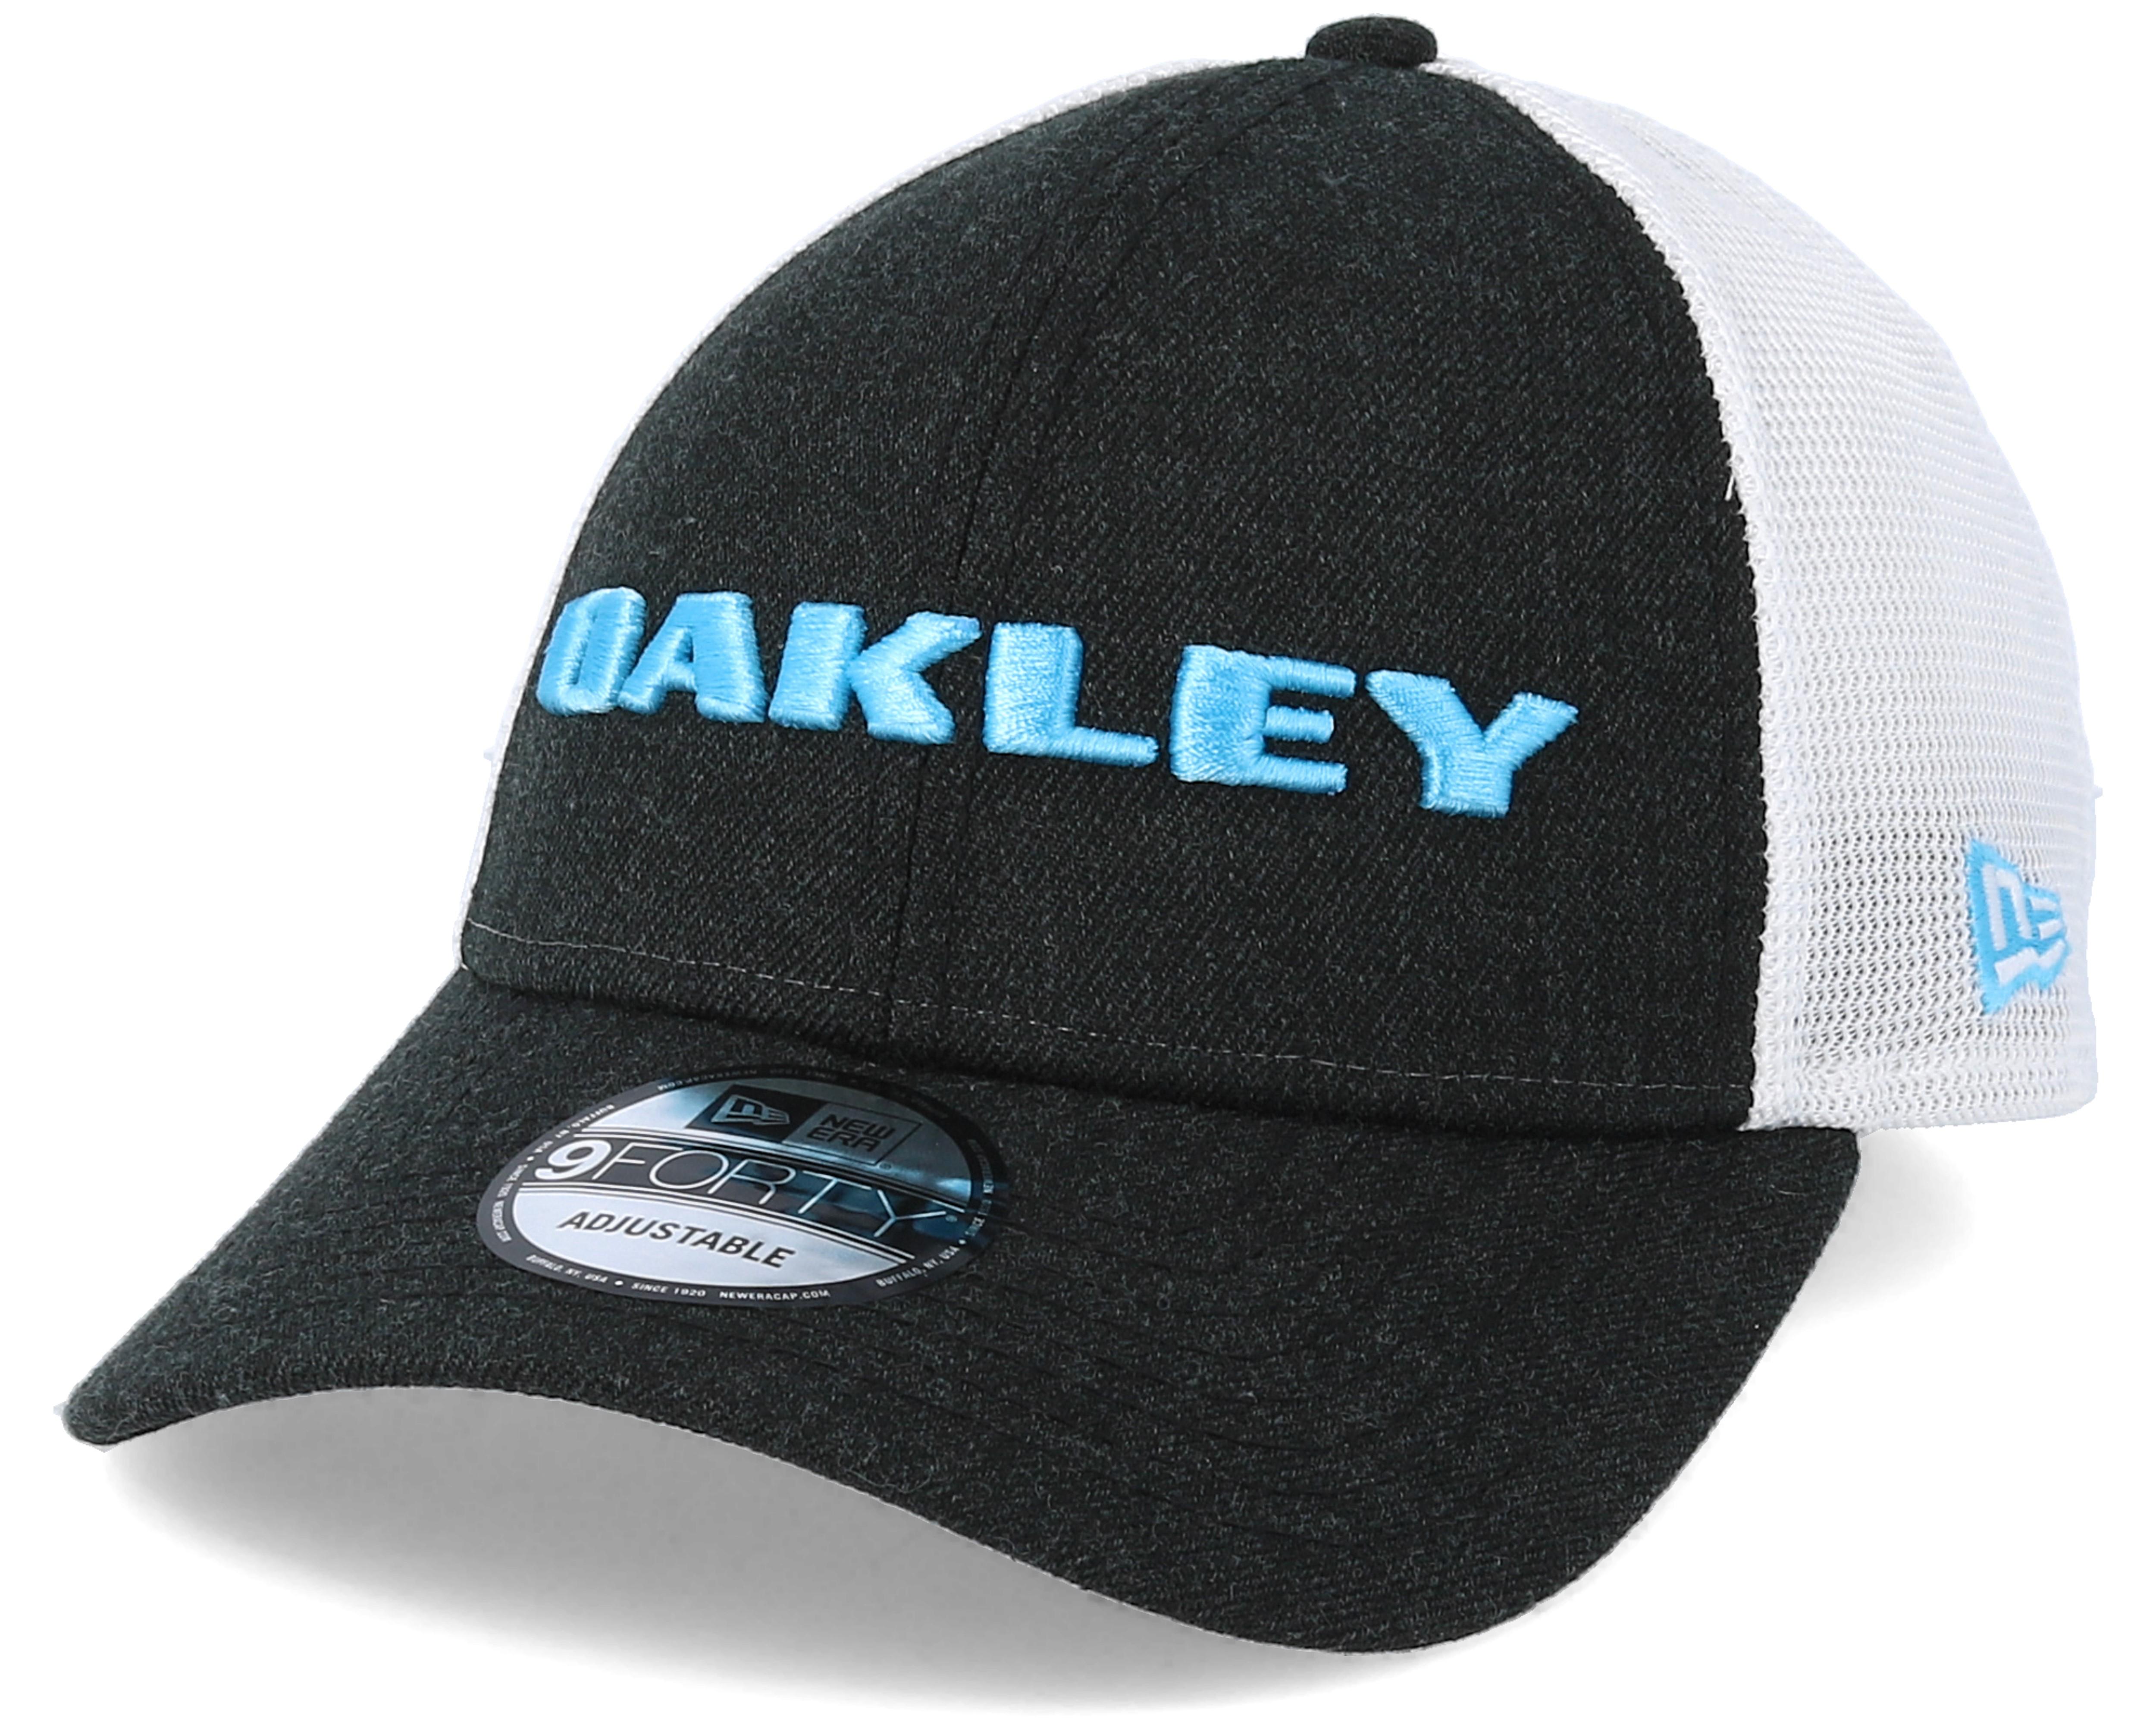 heather new era hat black adjustable oakley caps. Black Bedroom Furniture Sets. Home Design Ideas